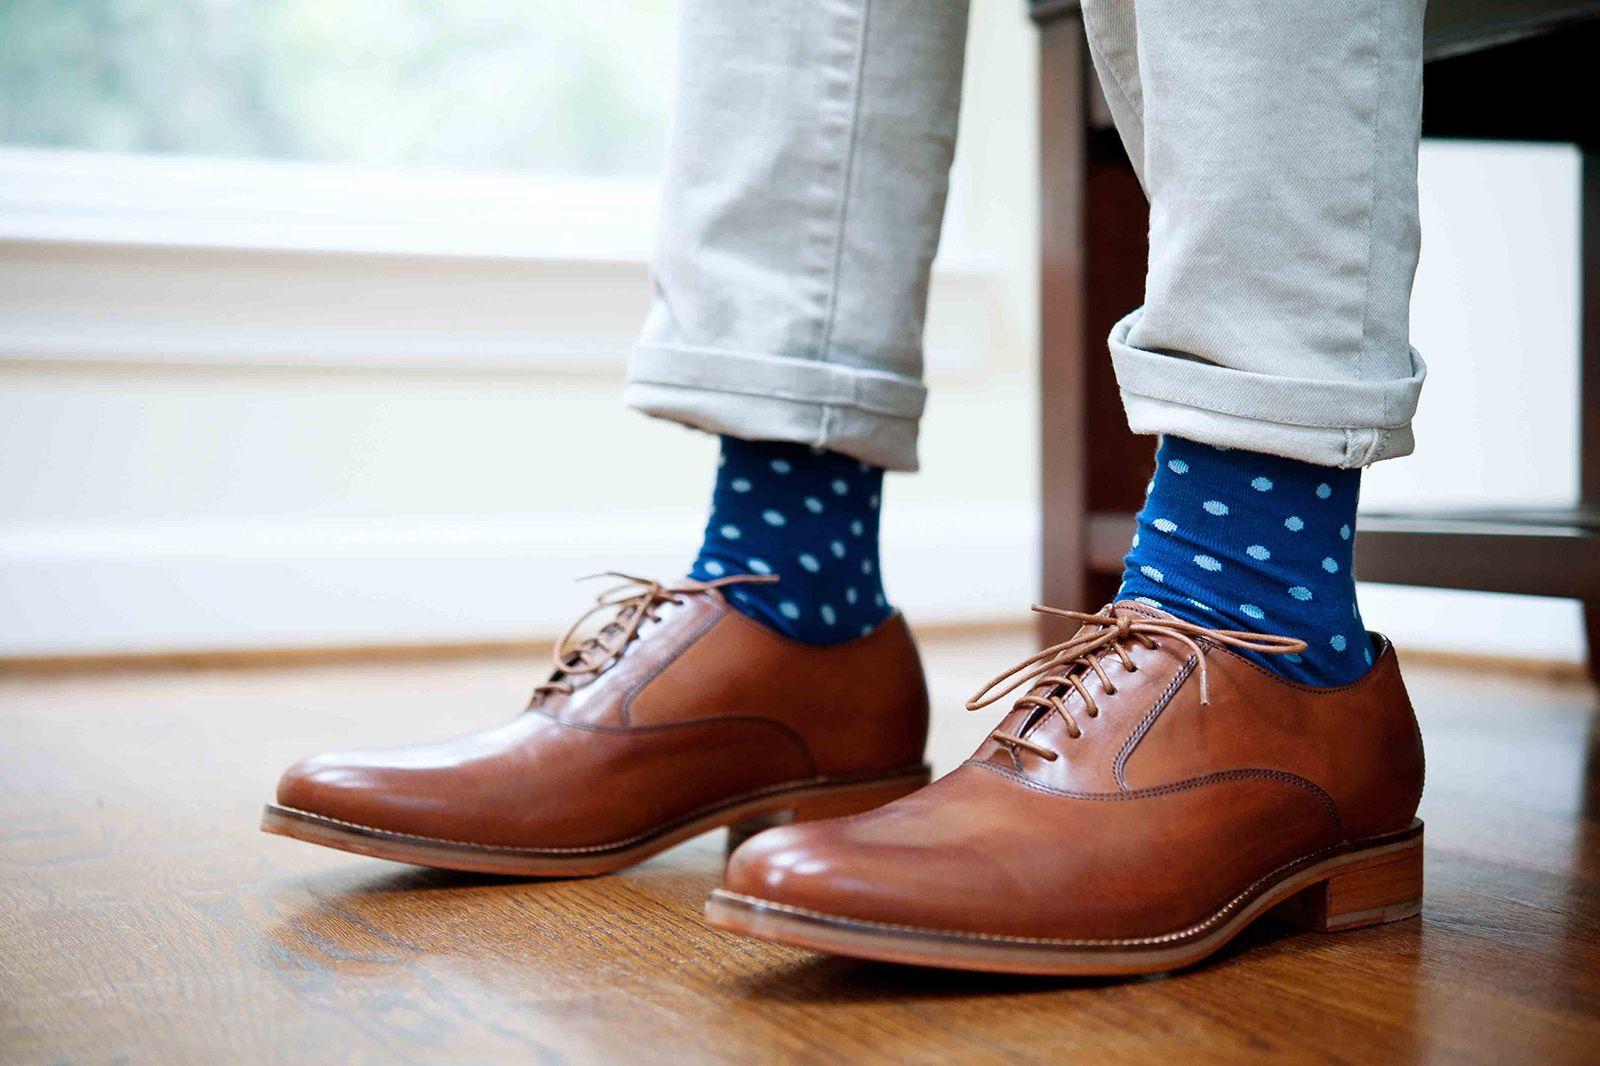 Guide to Choosing the Right Men's Dress Socks